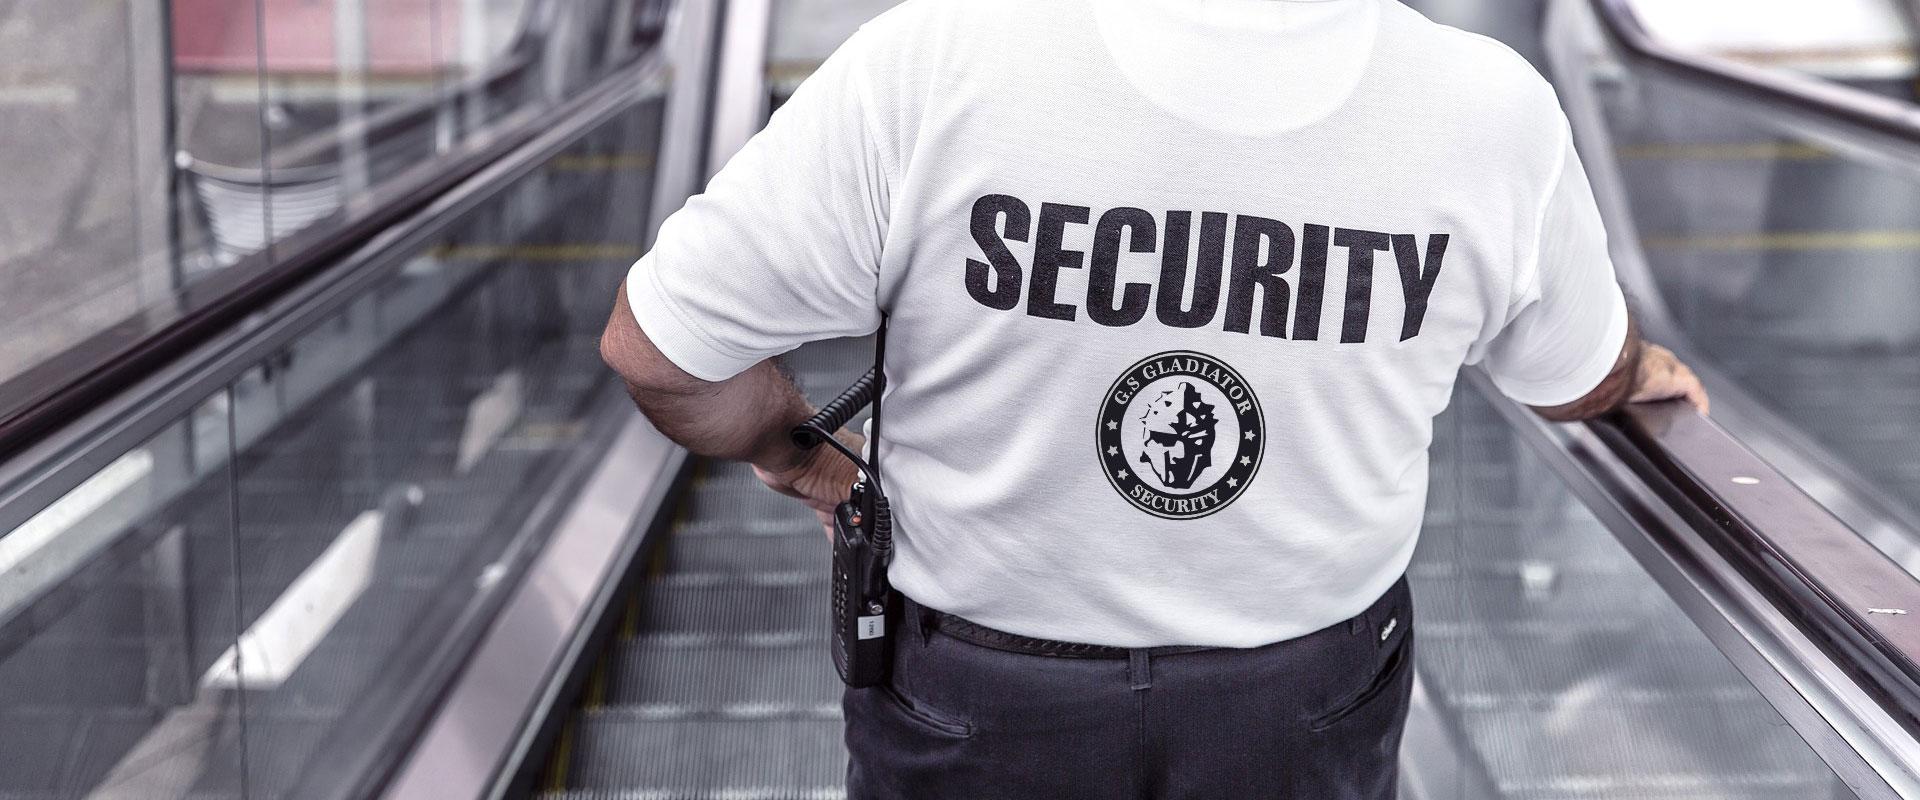 vagyonvédelem személyre szabva